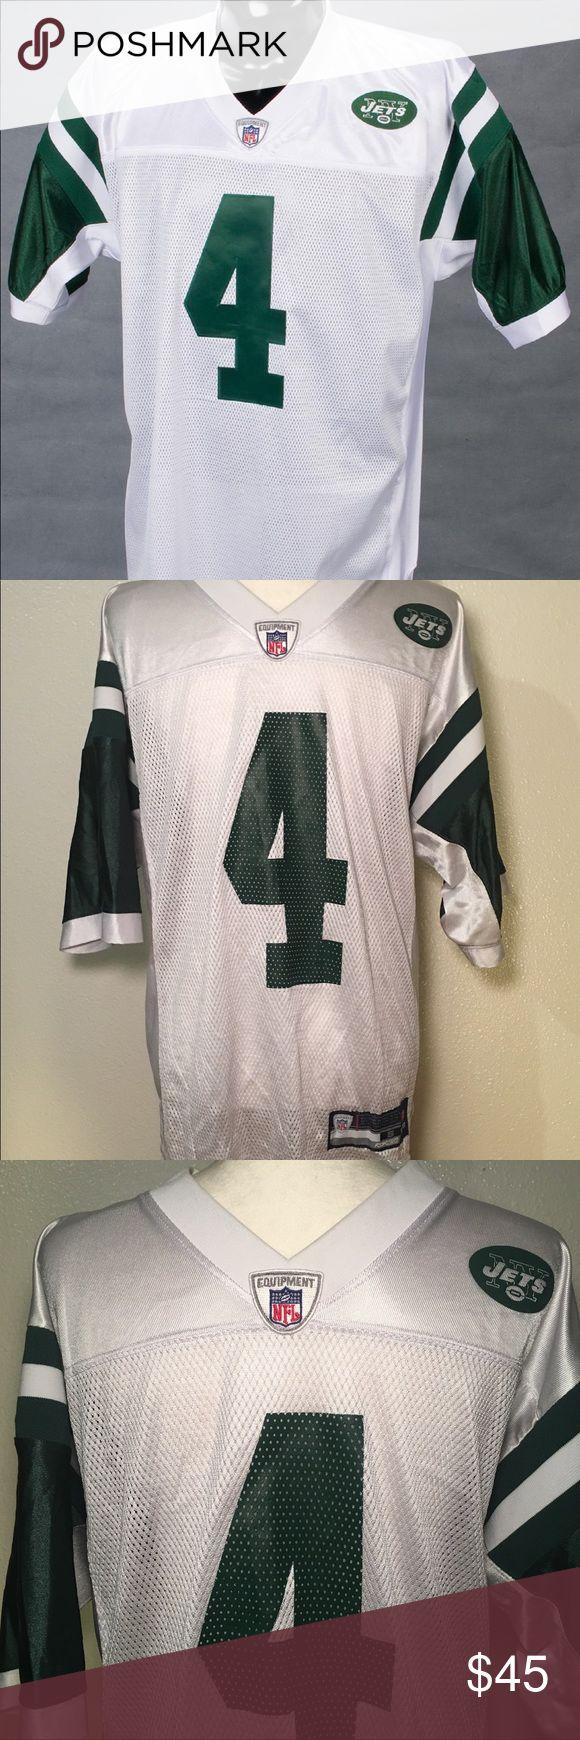 Brett Favre Authentic Reebok Jets NFL Jersey Brett Favre Authentic Reebok White Jets road jersey Reebok Other